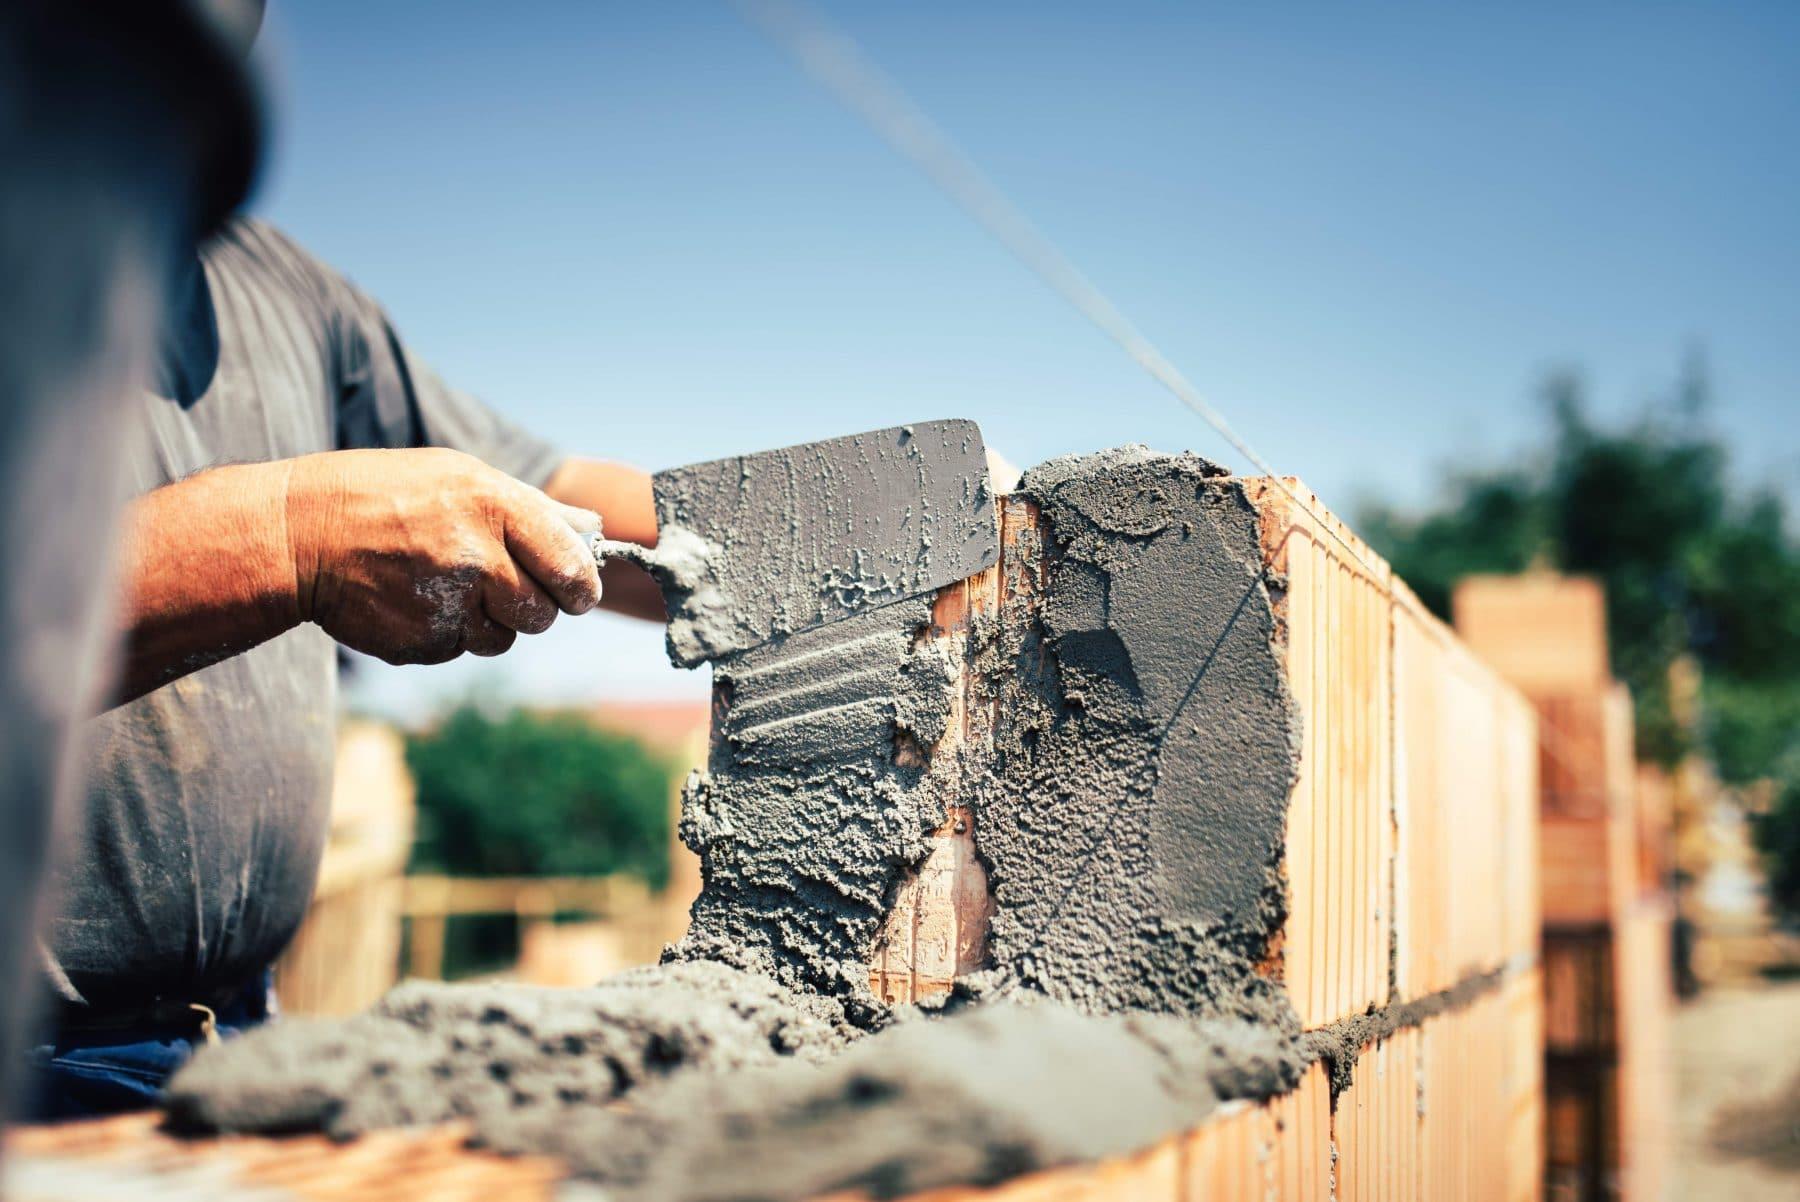 brique-ou-parpaing,-quel-materiau-pour-ma-maison-neuve?